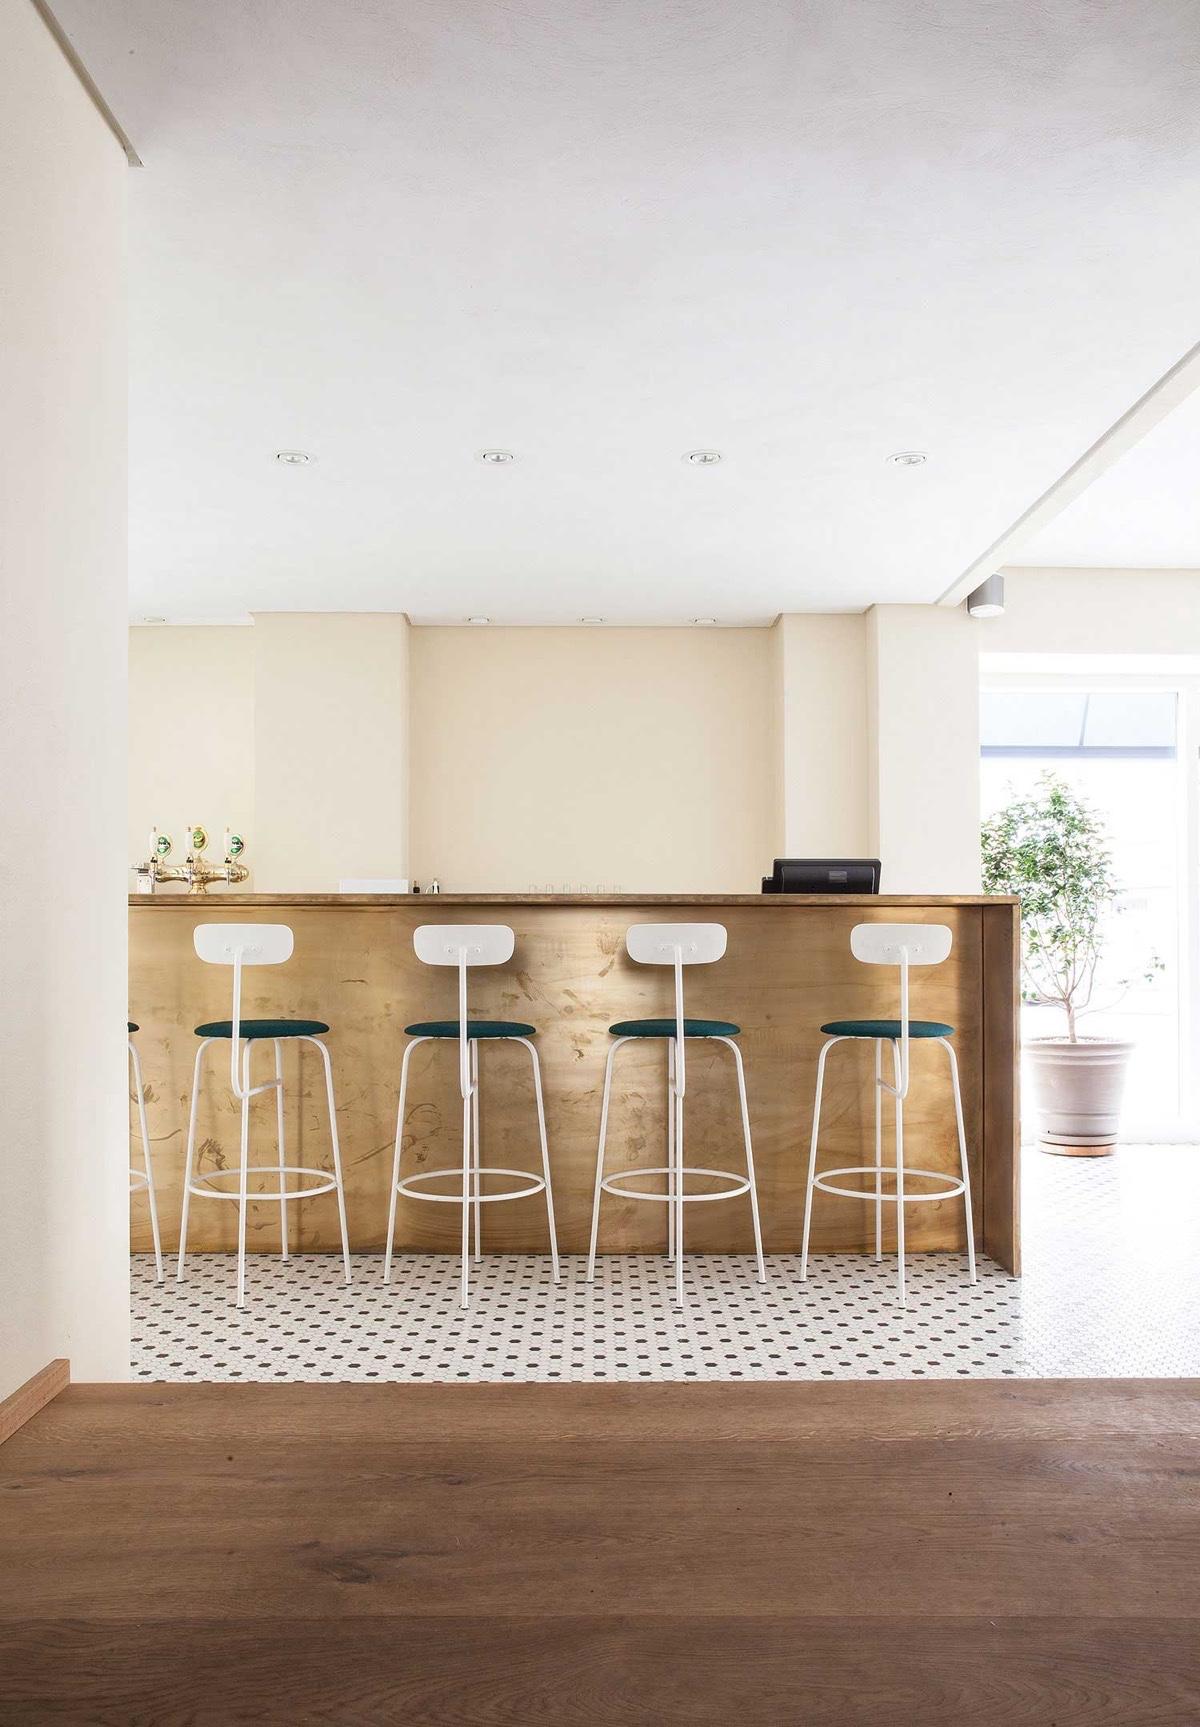 bauhaus-bar-stools